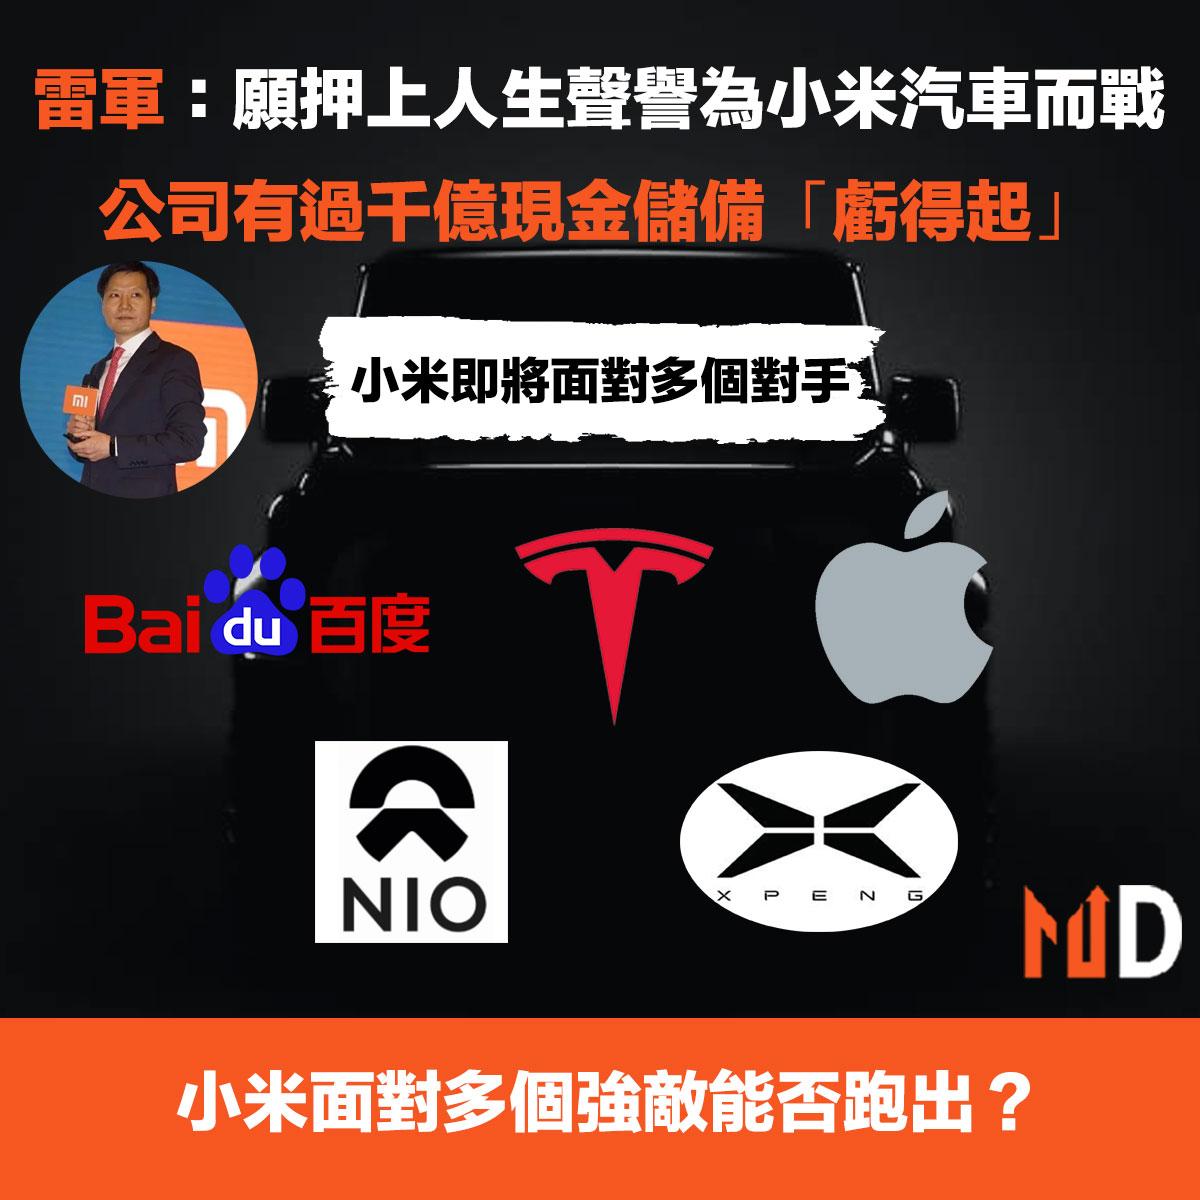 小米雷軍:公司現有過千億現金儲備「虧得起」